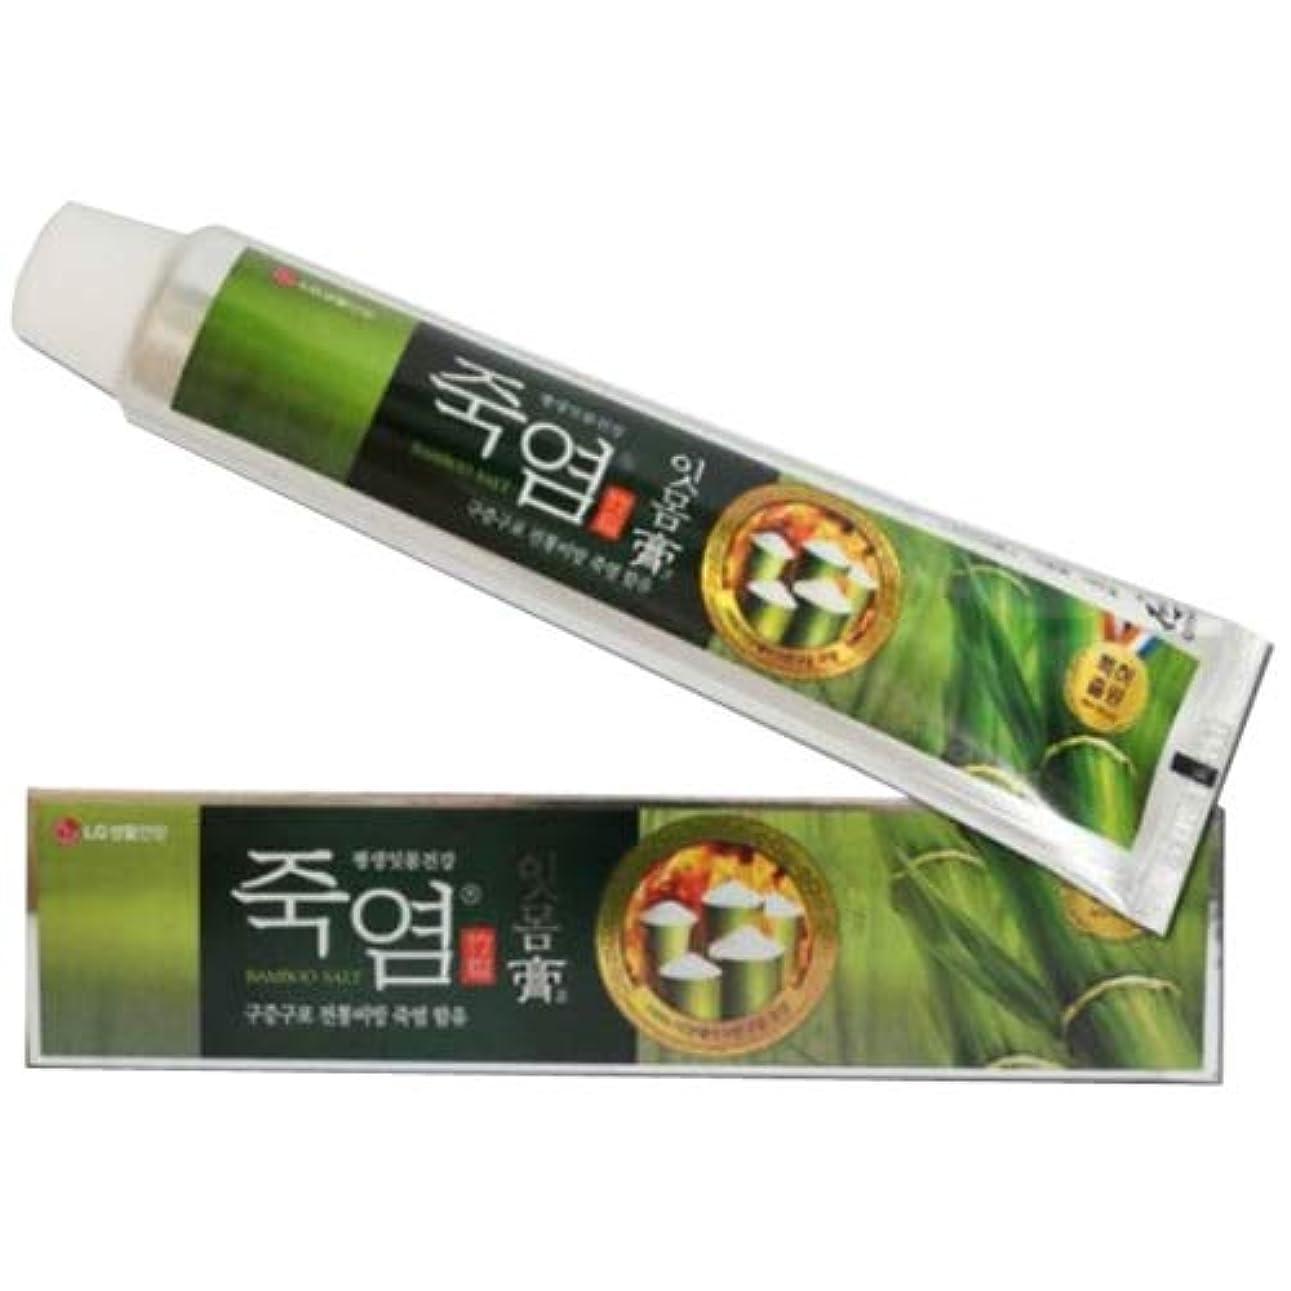 しかしながらボア堂々たるLG生活健康 竹塩歯磨き粉 (歯康膏:ウンガンゴ)(120gx3個) 歯肉炎の予防 歯茎の出血予防